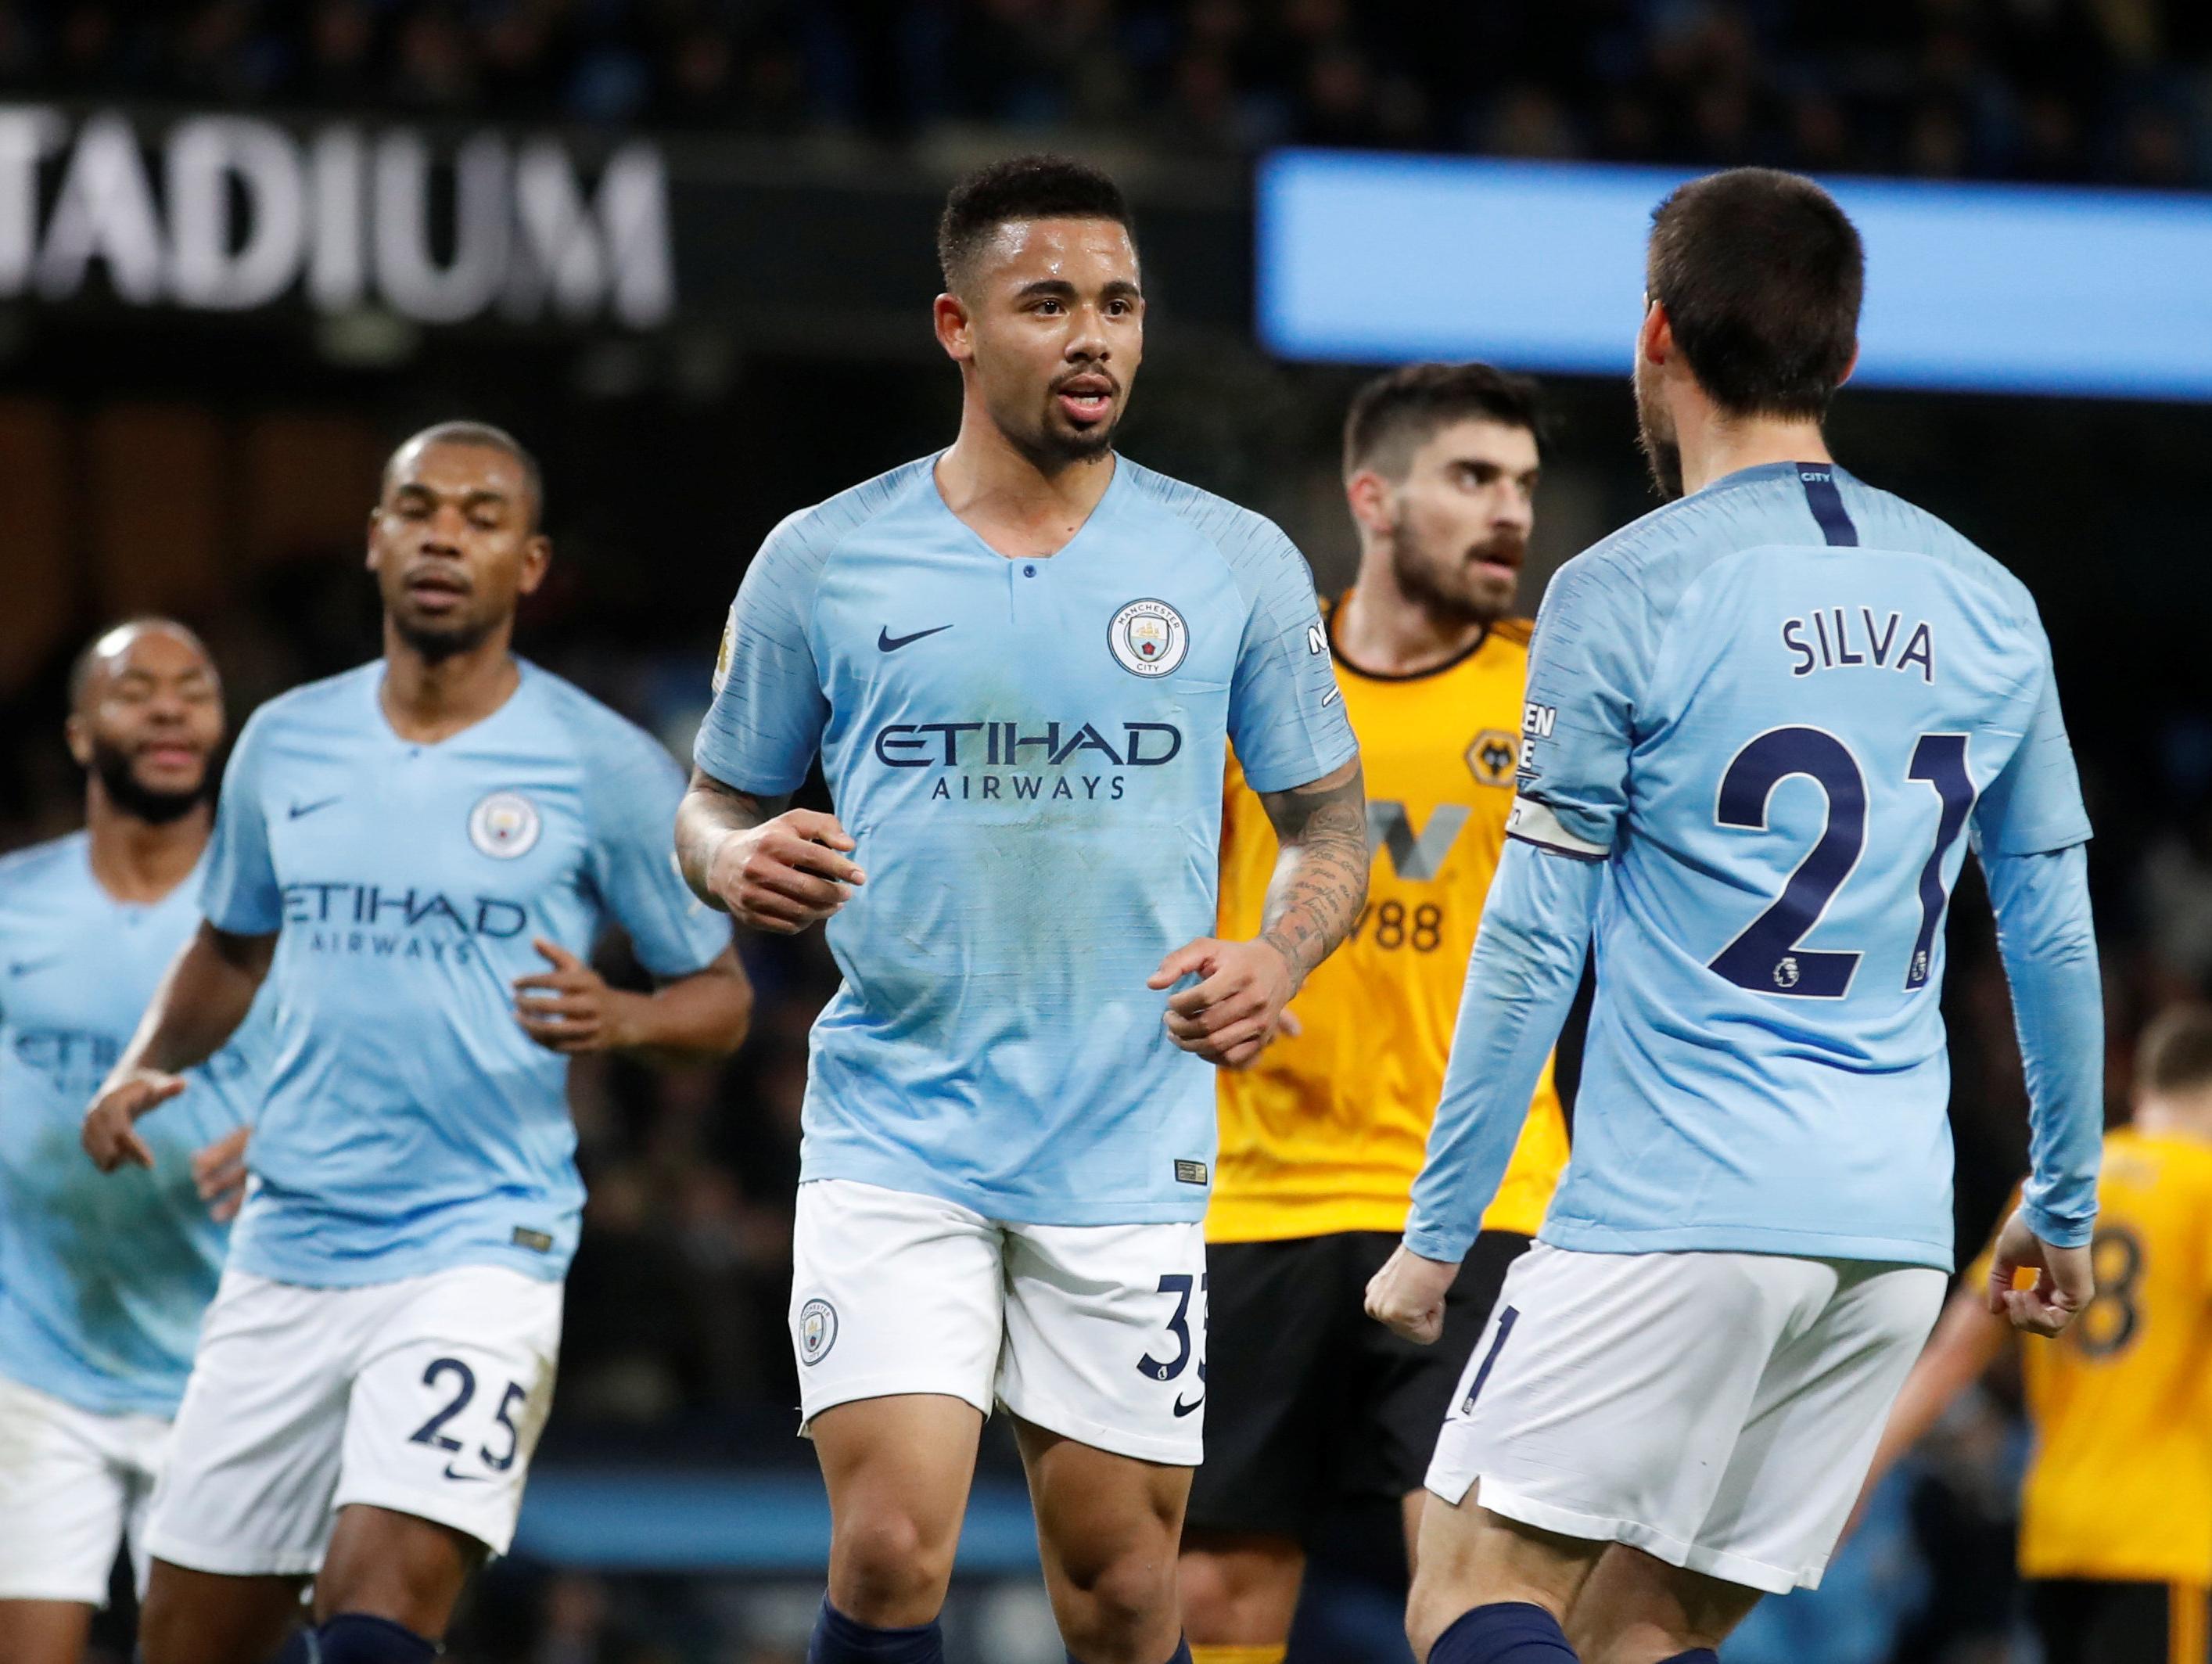 הפער מליברפול שוב 4: מנצ'סטר סיטי ניצחה 0:3 את וולבס